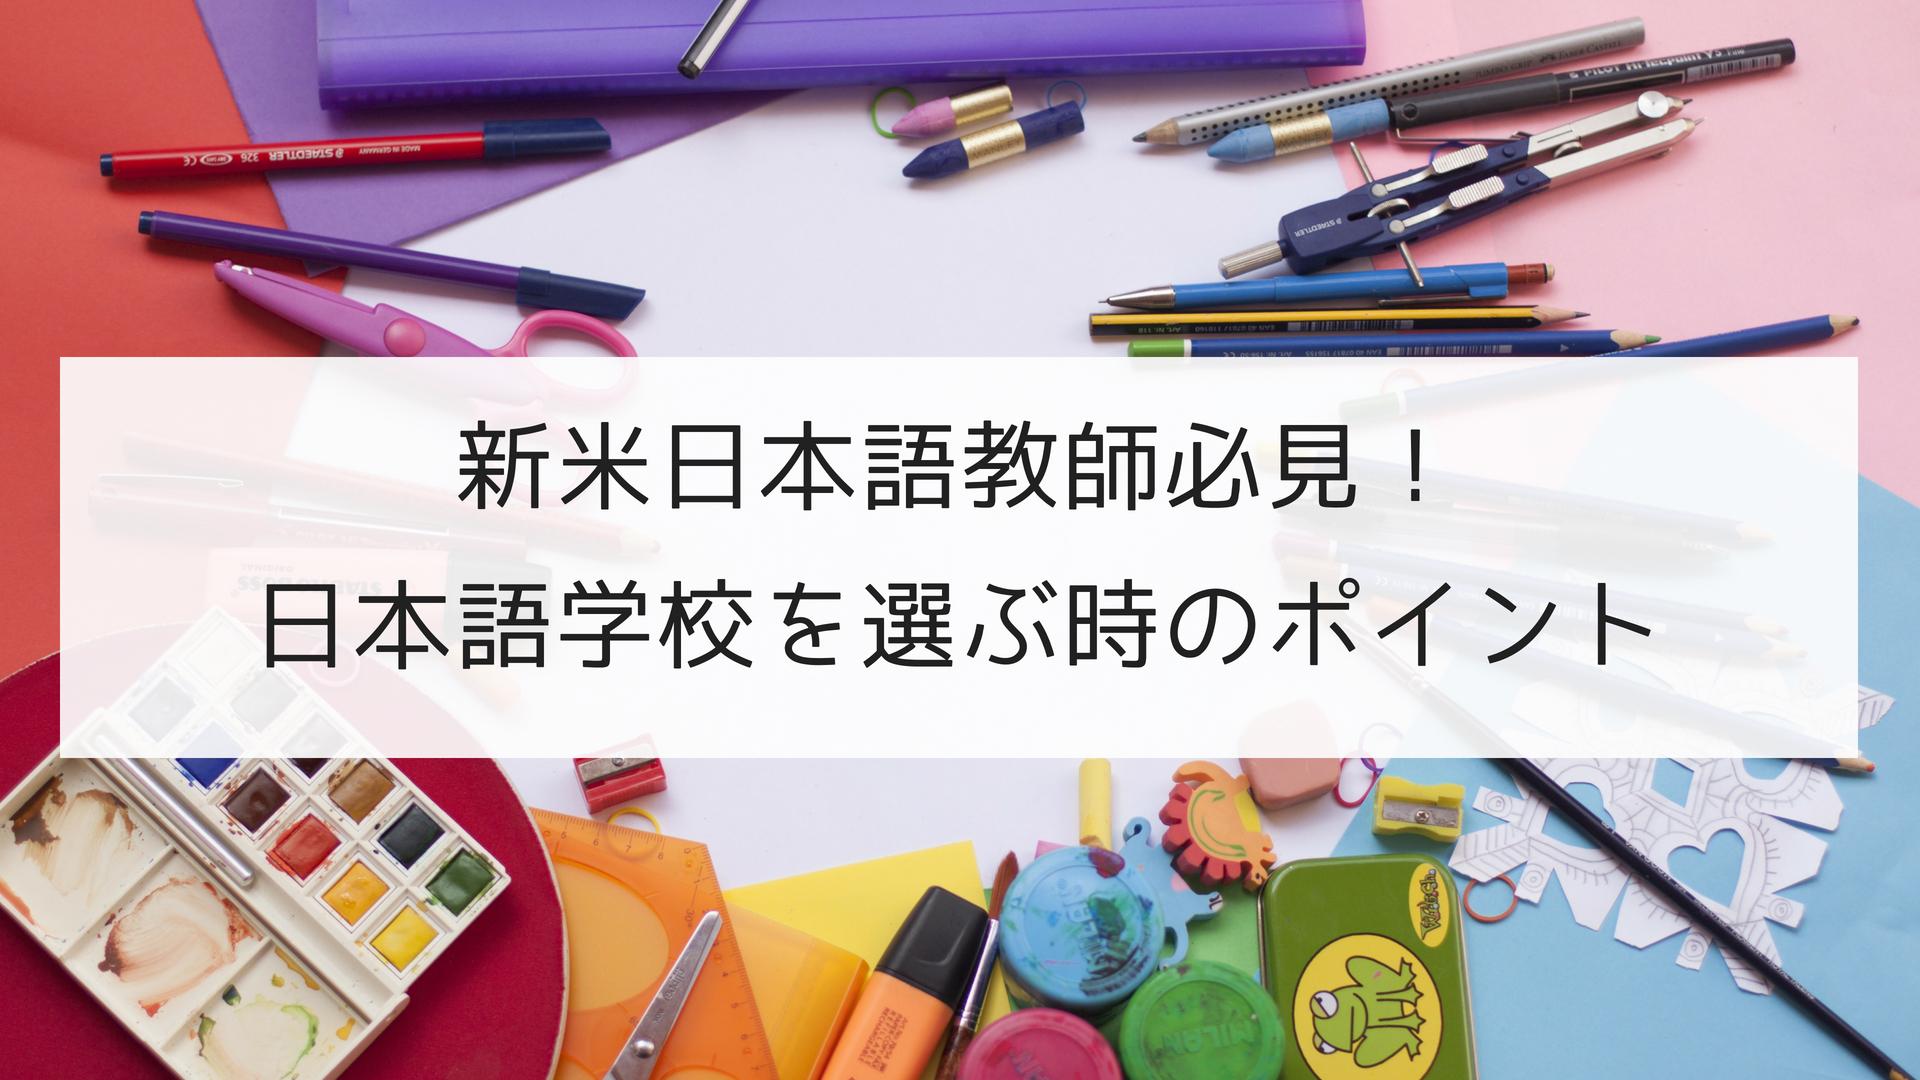 新米日本語教師必見! 日本語学校を選ぶ時のポイント